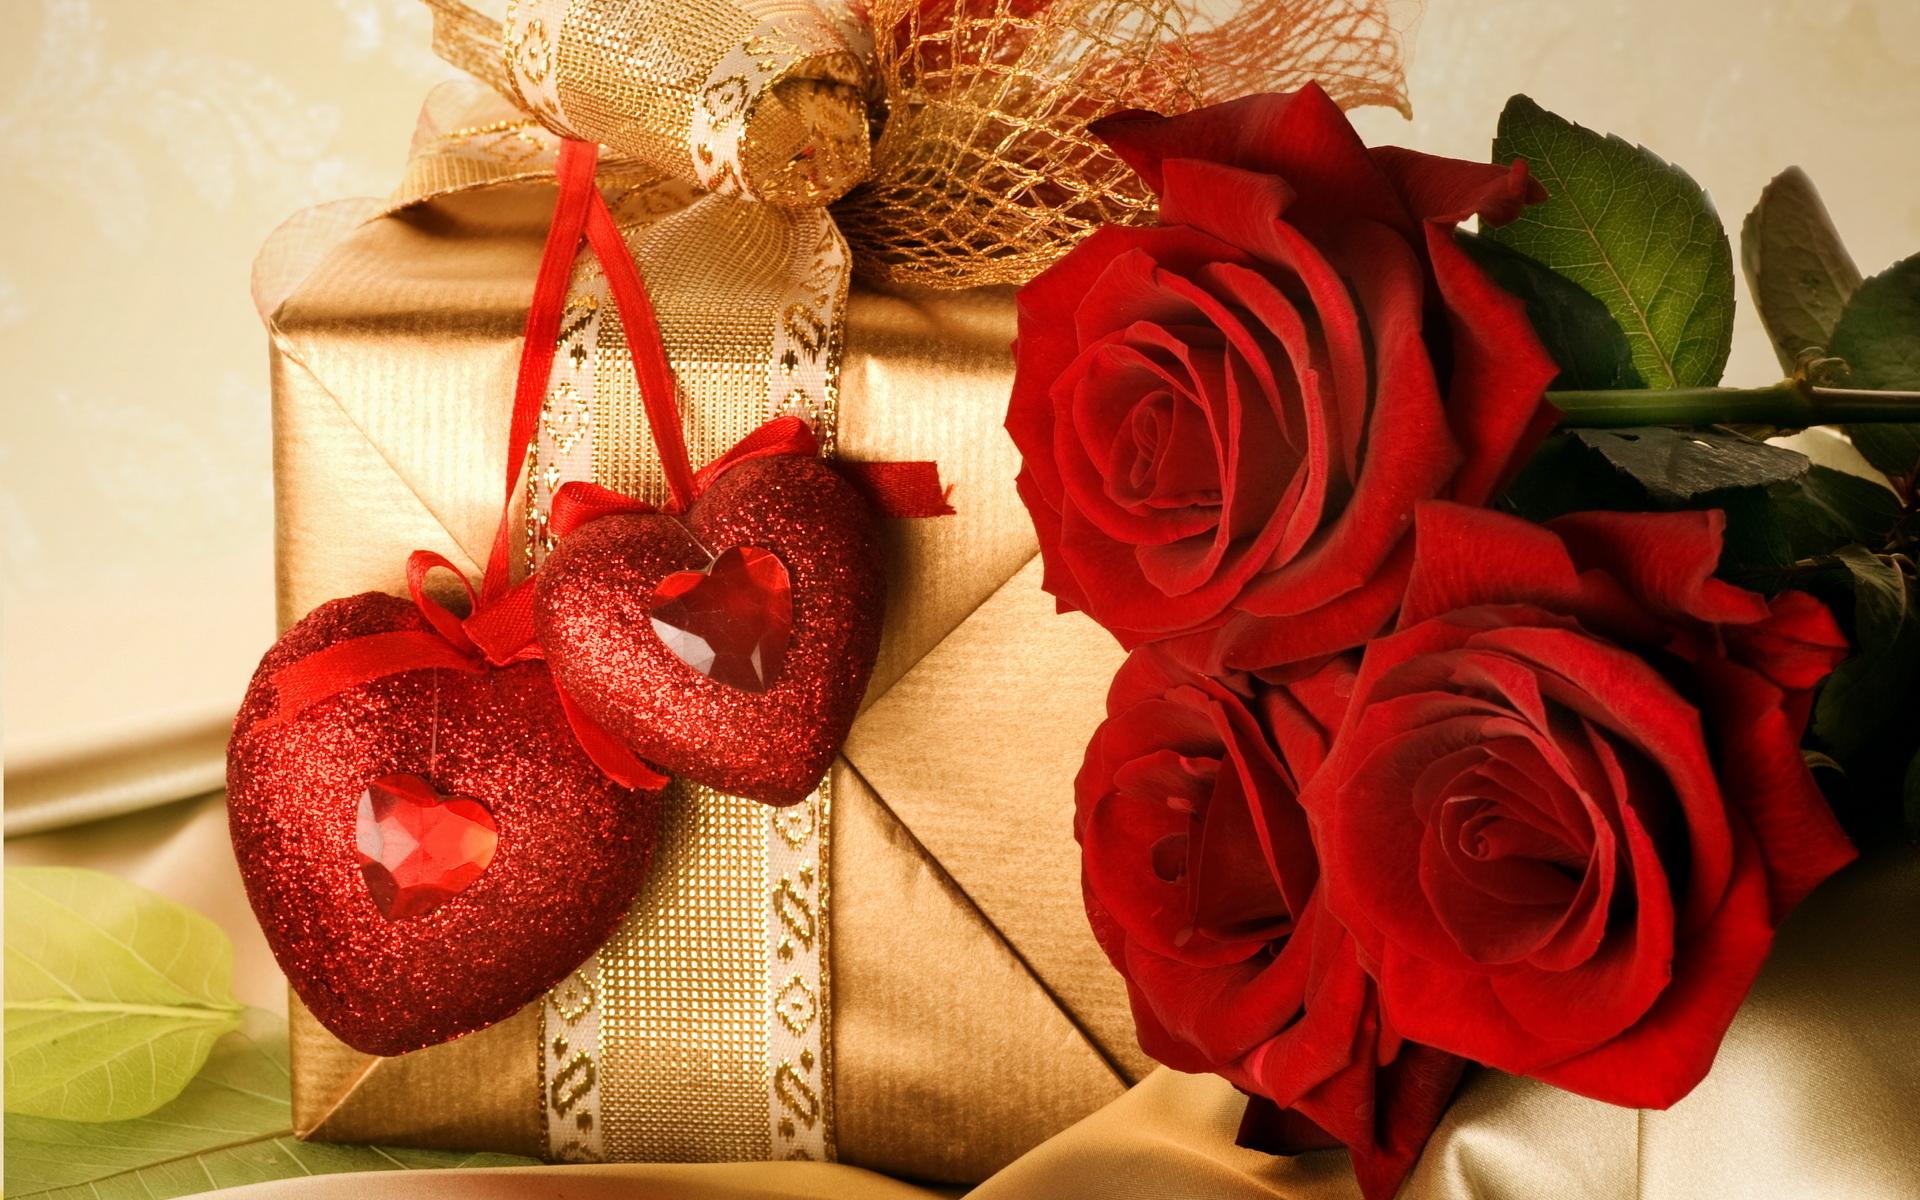 праздник, день святого валентина, розы